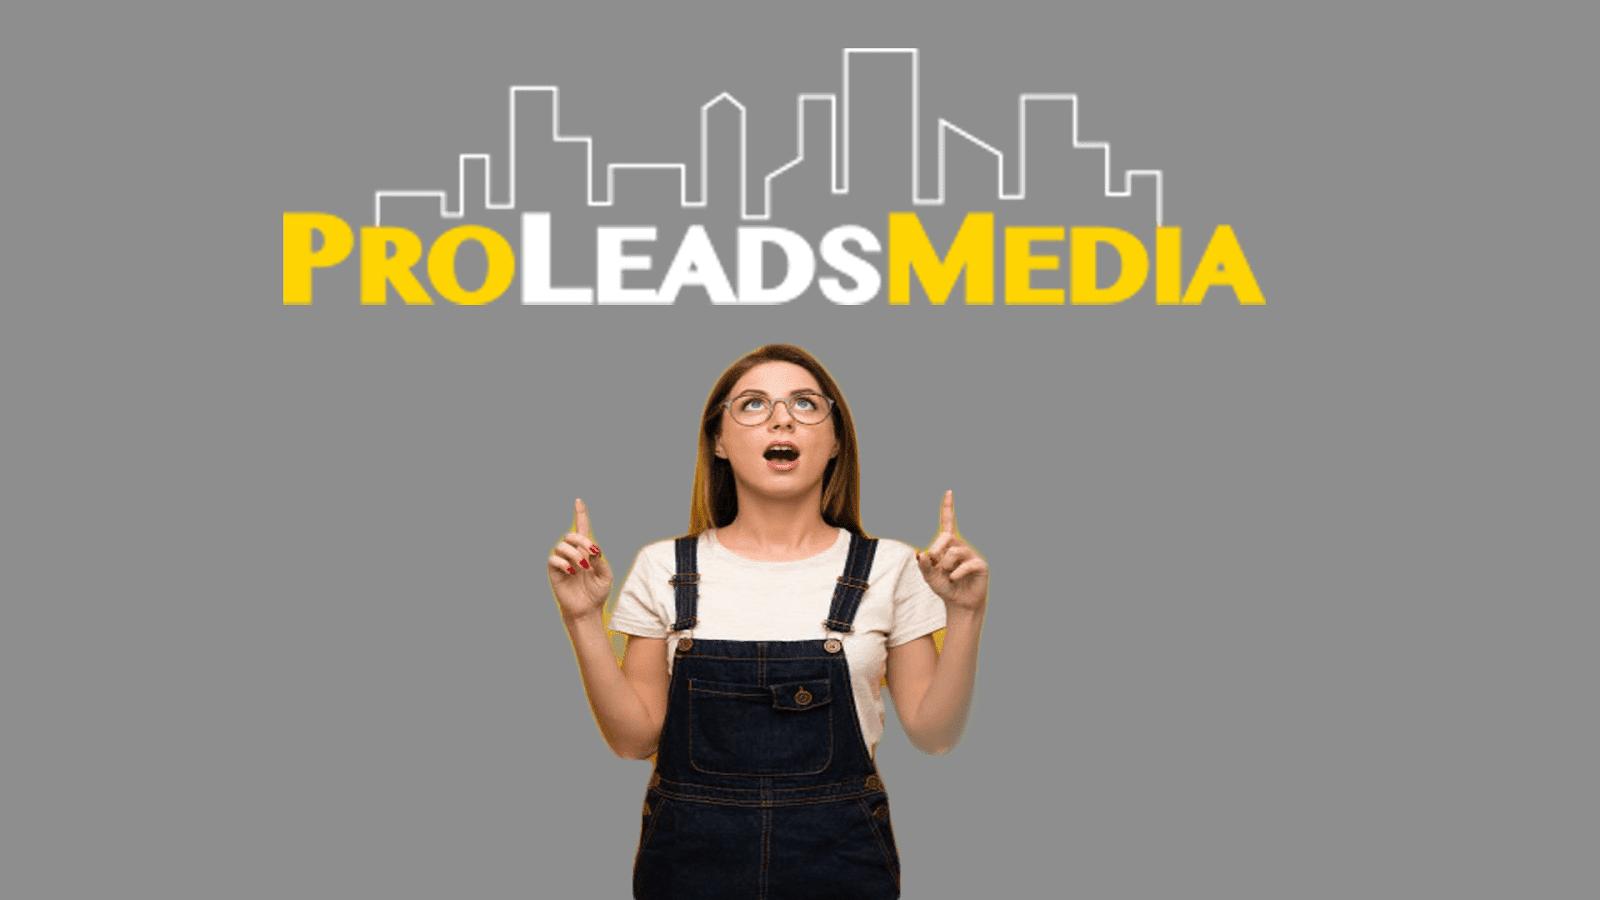 شركة Proleadsmedia